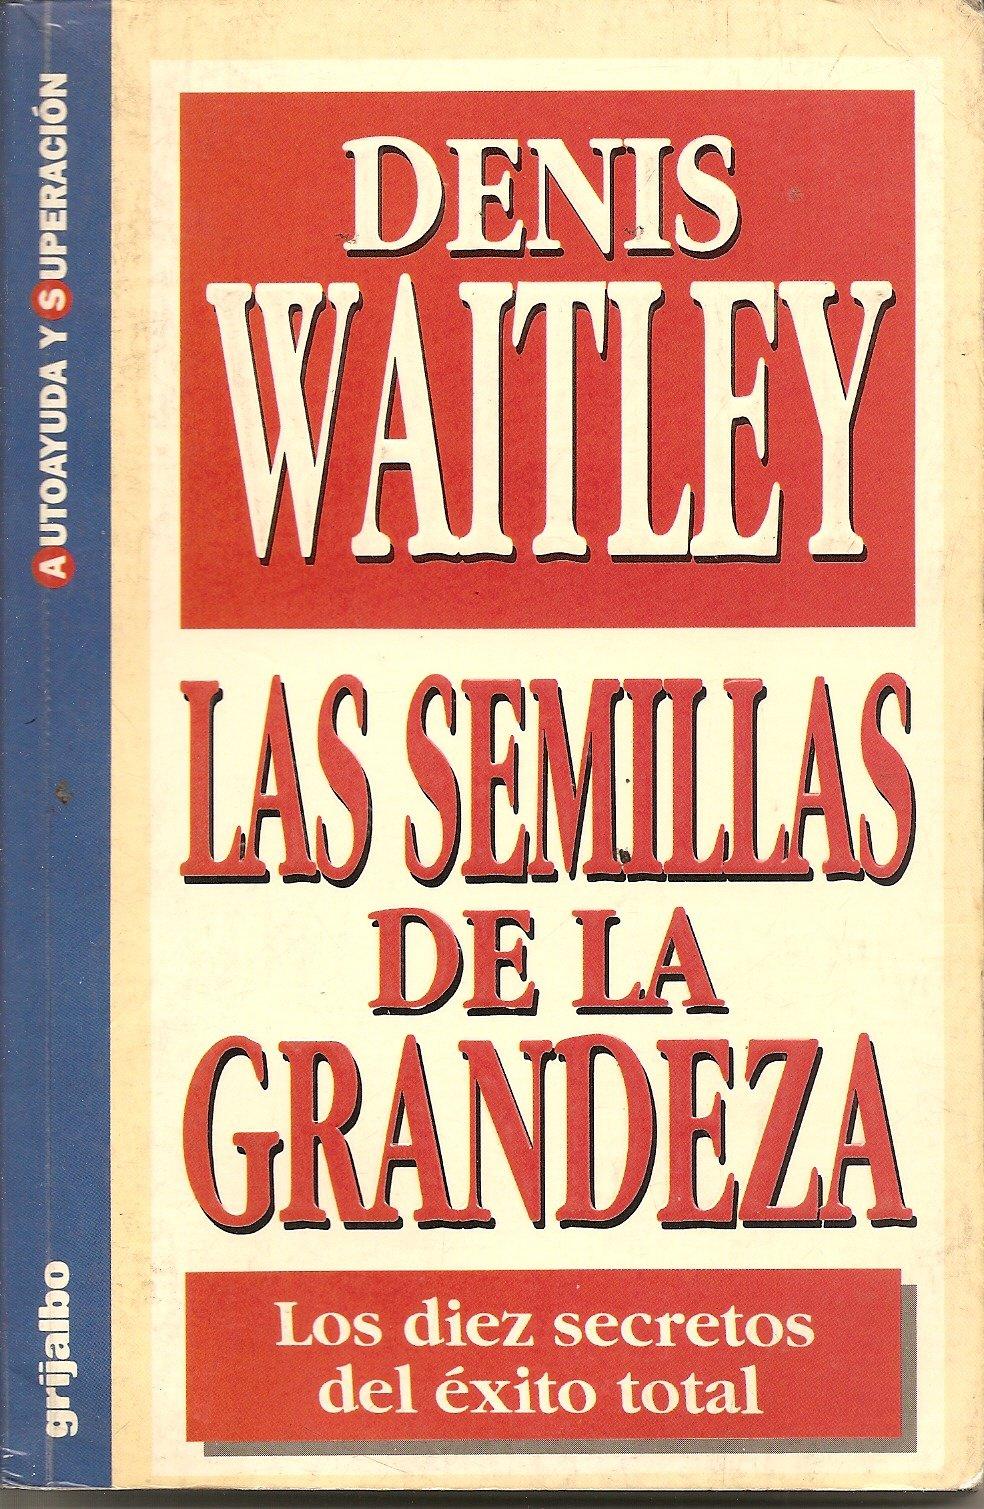 SEMILLAS DE LA GRANDEZA, LAS: DENIS WAITLEY: 9789700507354: Amazon.com:  Books